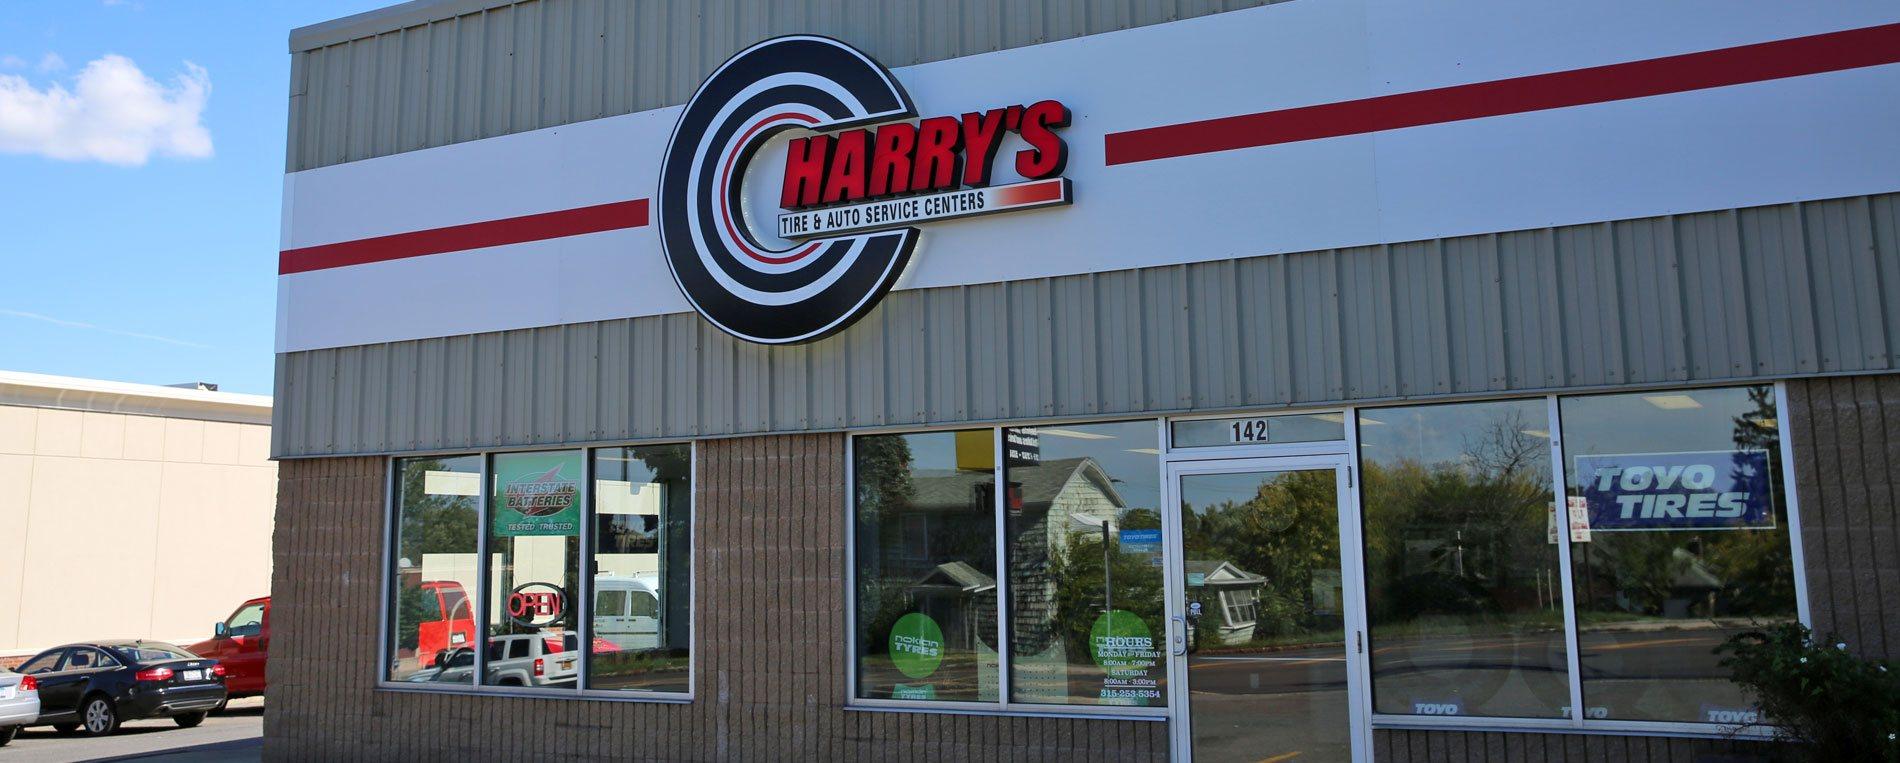 Harry's Tire